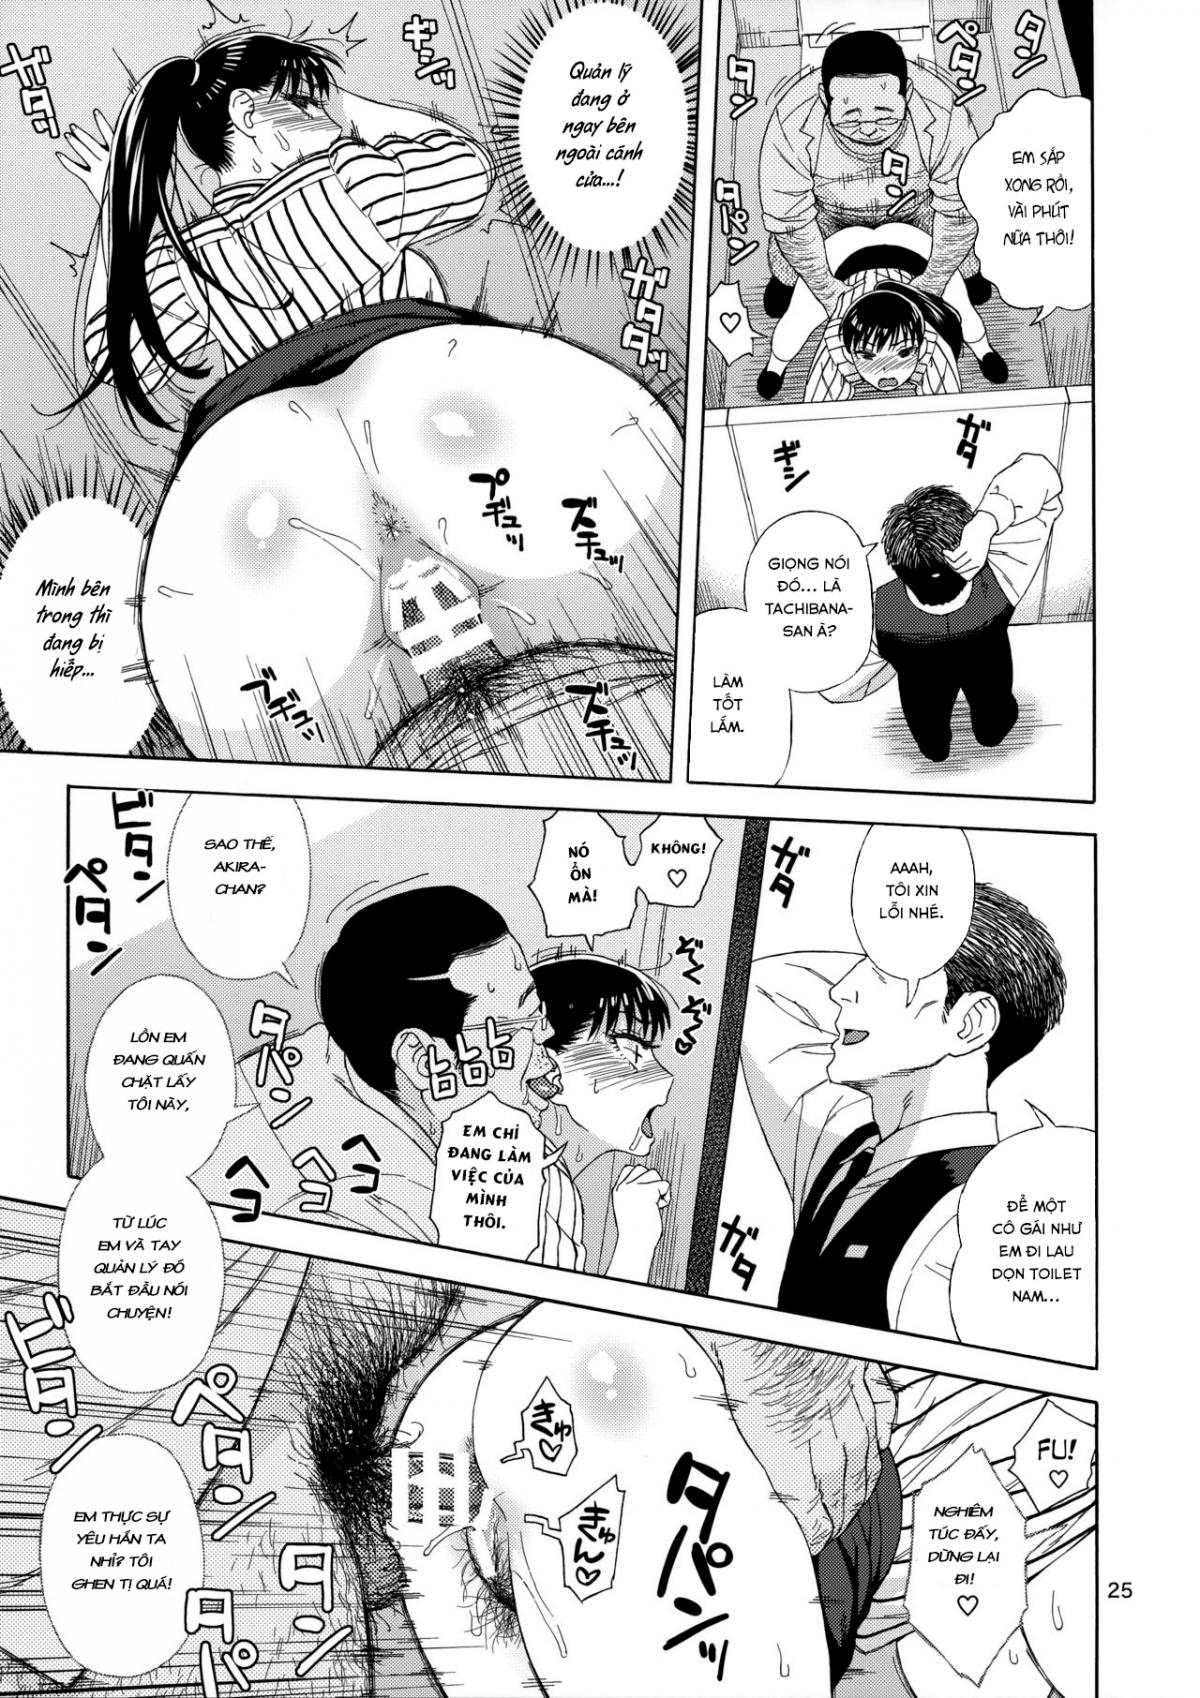 Hình ảnh  trong bài viết Ame ni Nurenishi Hanabira no